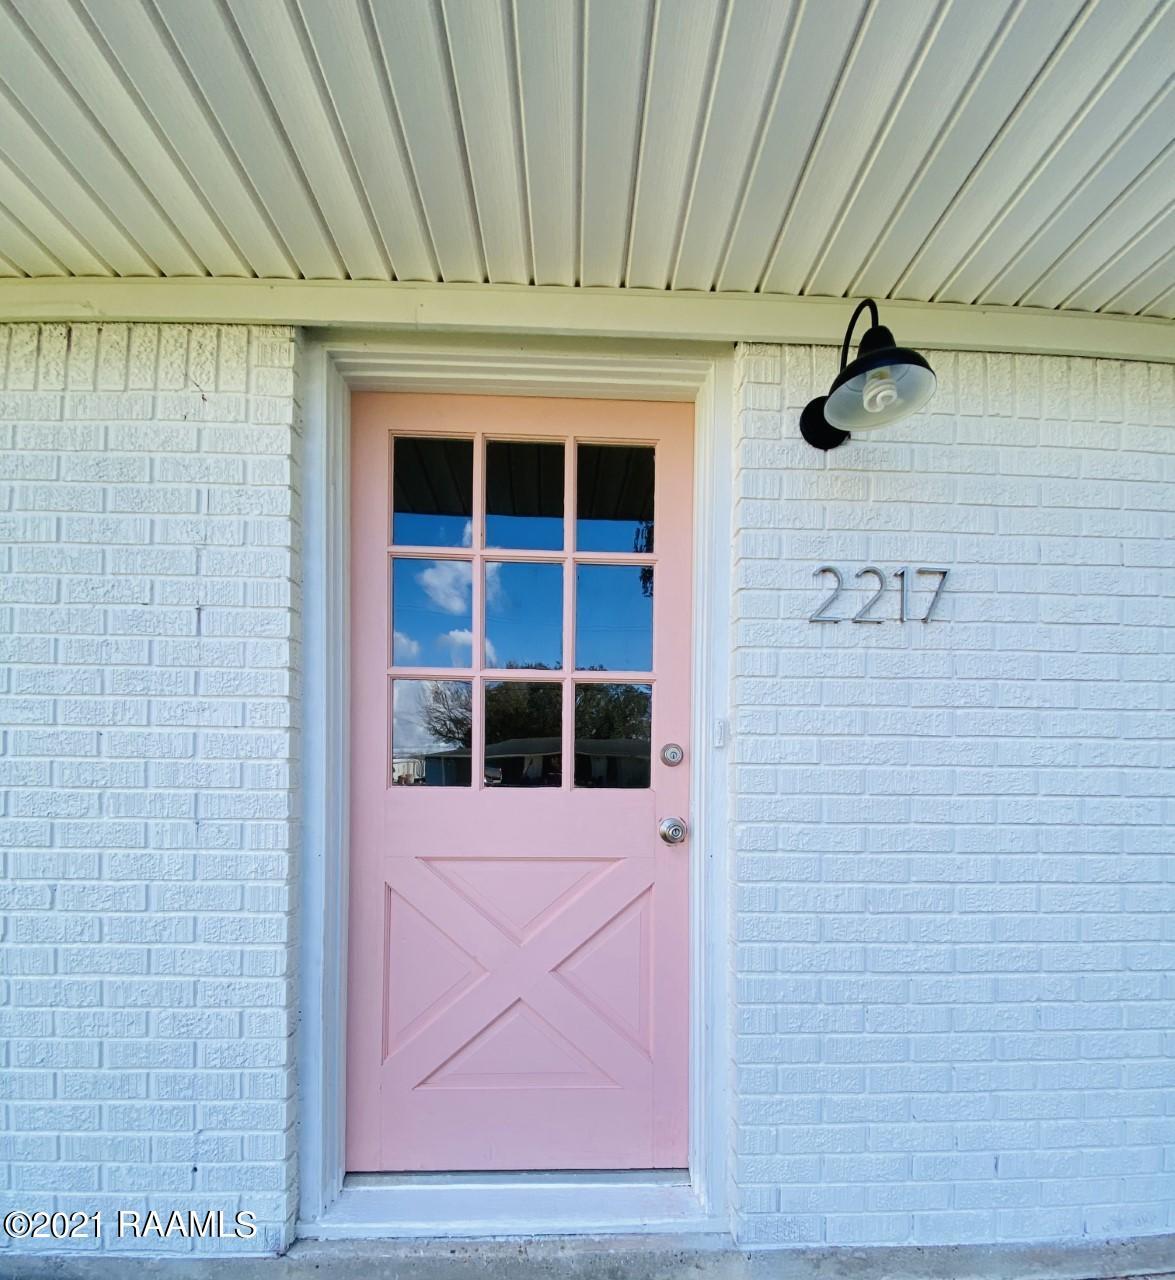 2217 Louisiana Drive, New Iberia, LA 70560 Photo #3